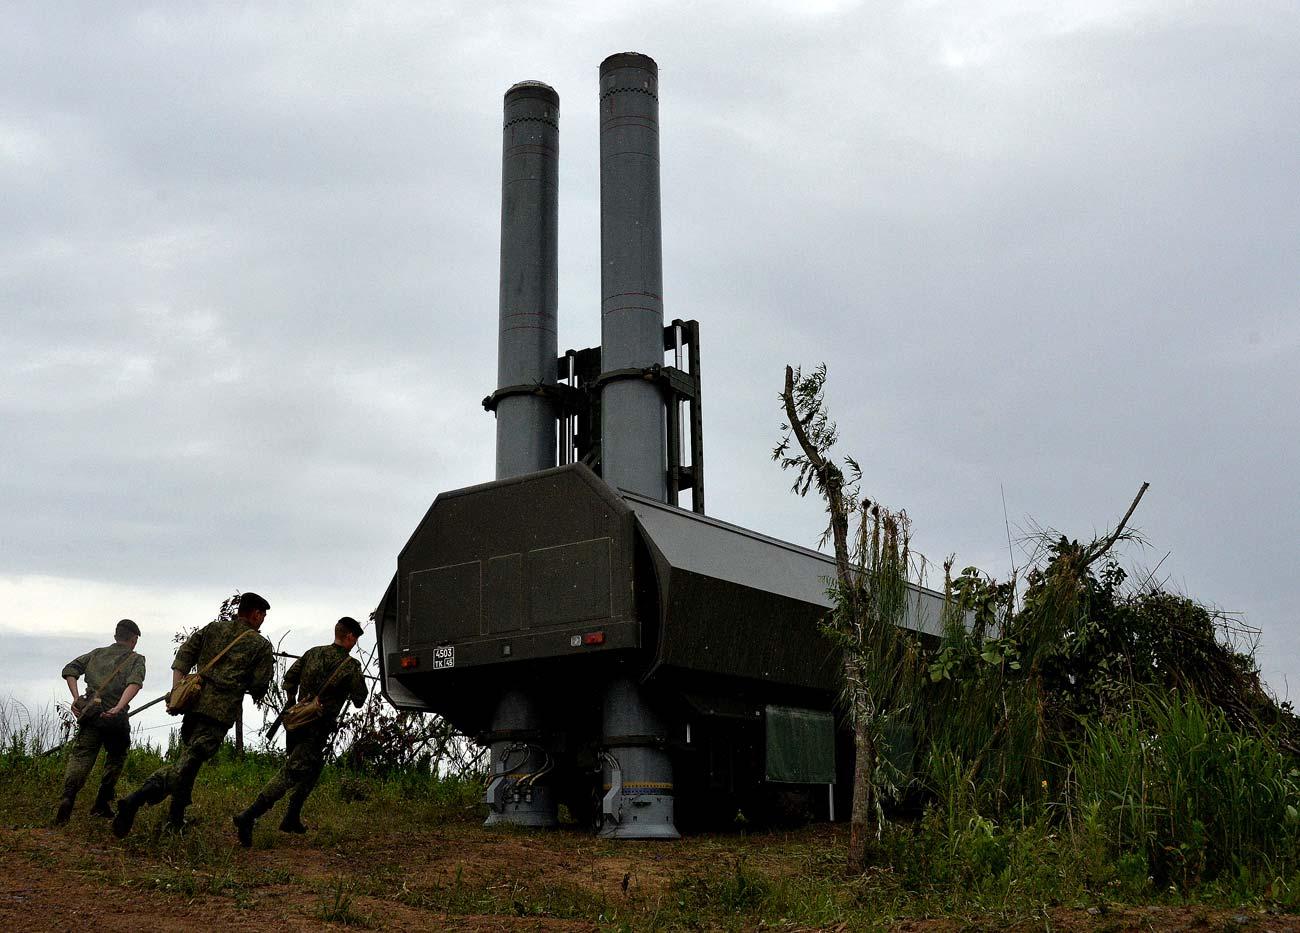 Sistem rudal pertahanan pantai Bastion selama latihan di Wilayah Primorsky. Sistem rudal Bastion resmi memasuki layanan unit pesisir Armada Pasifik Rusia pada 2016. Sumber: Vitaliy Ankov / RIA Novosti